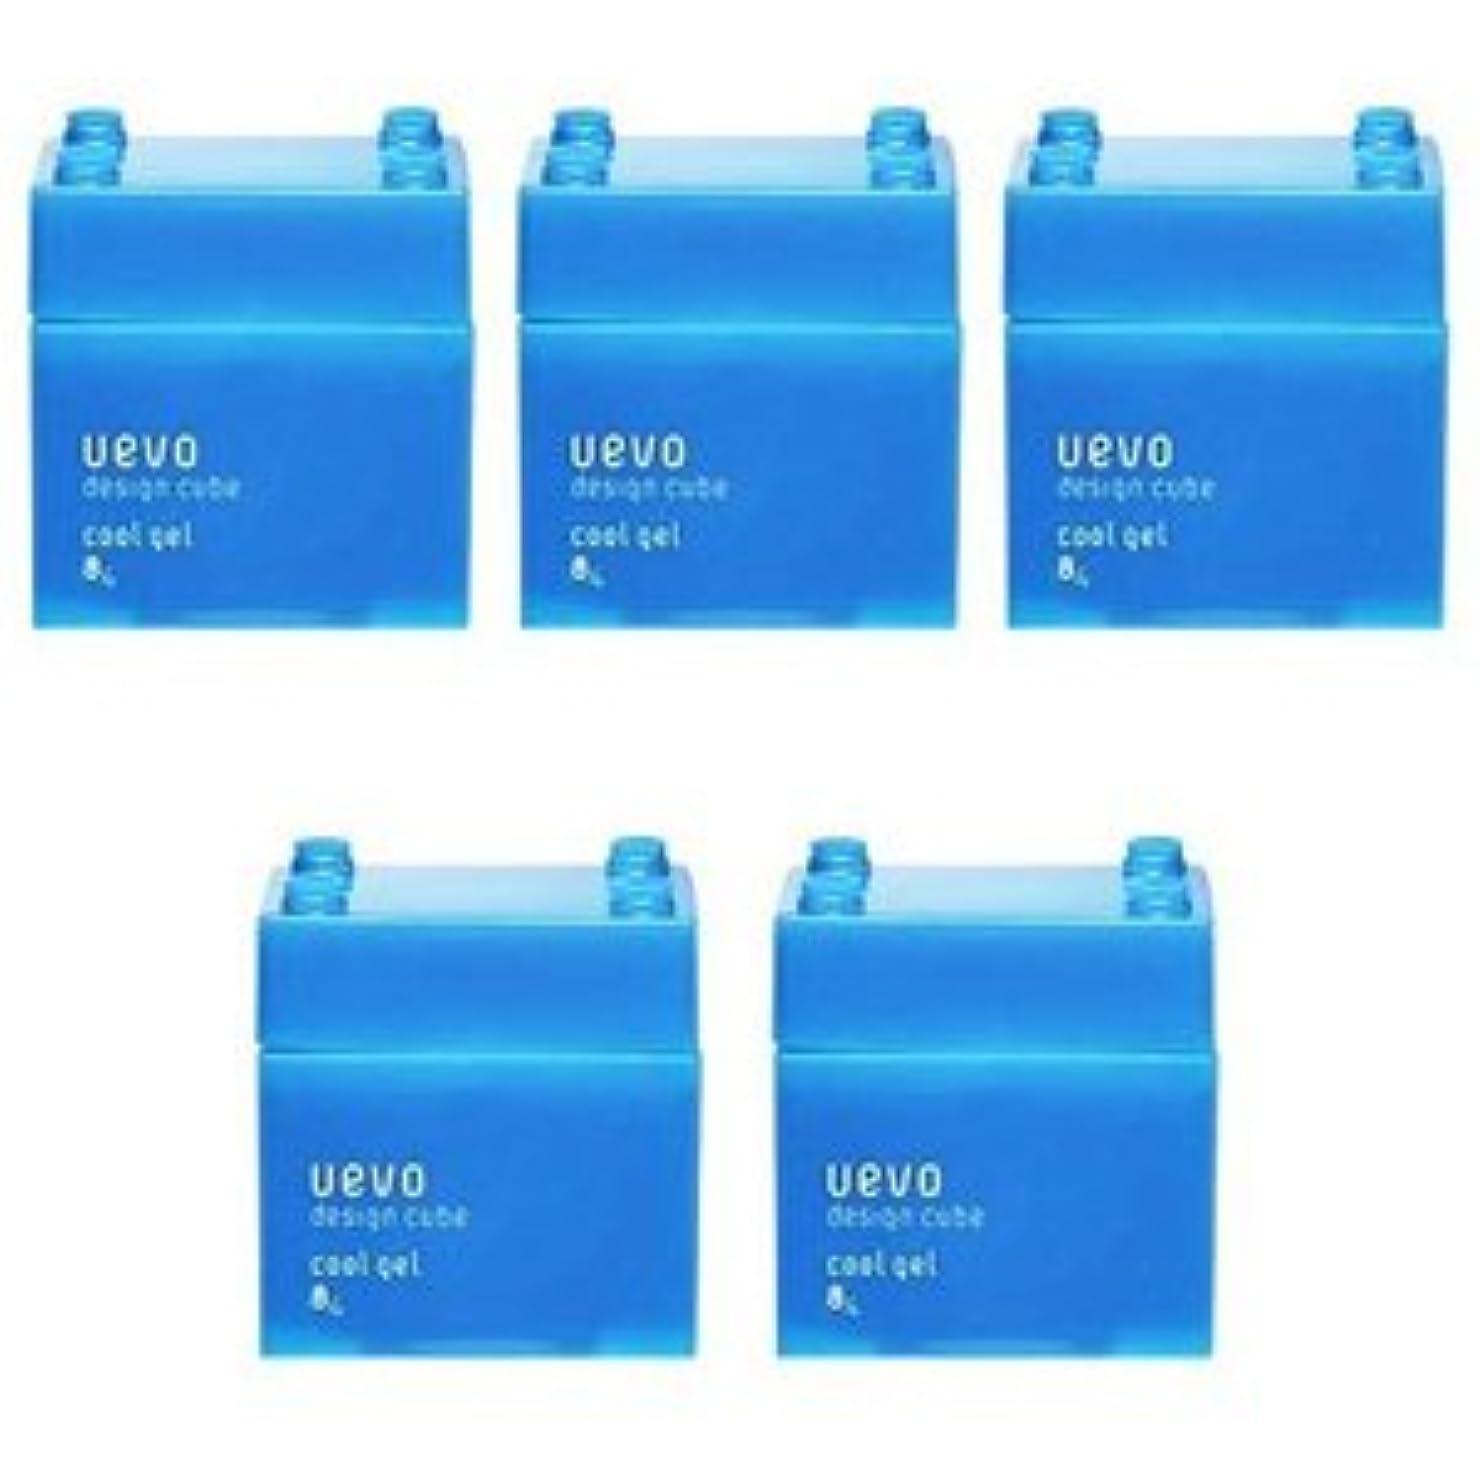 価値ブラシ要求する【X5個セット】 デミ ウェーボ デザインキューブ クールジェル 80g cool gel DEMI uevo design cube